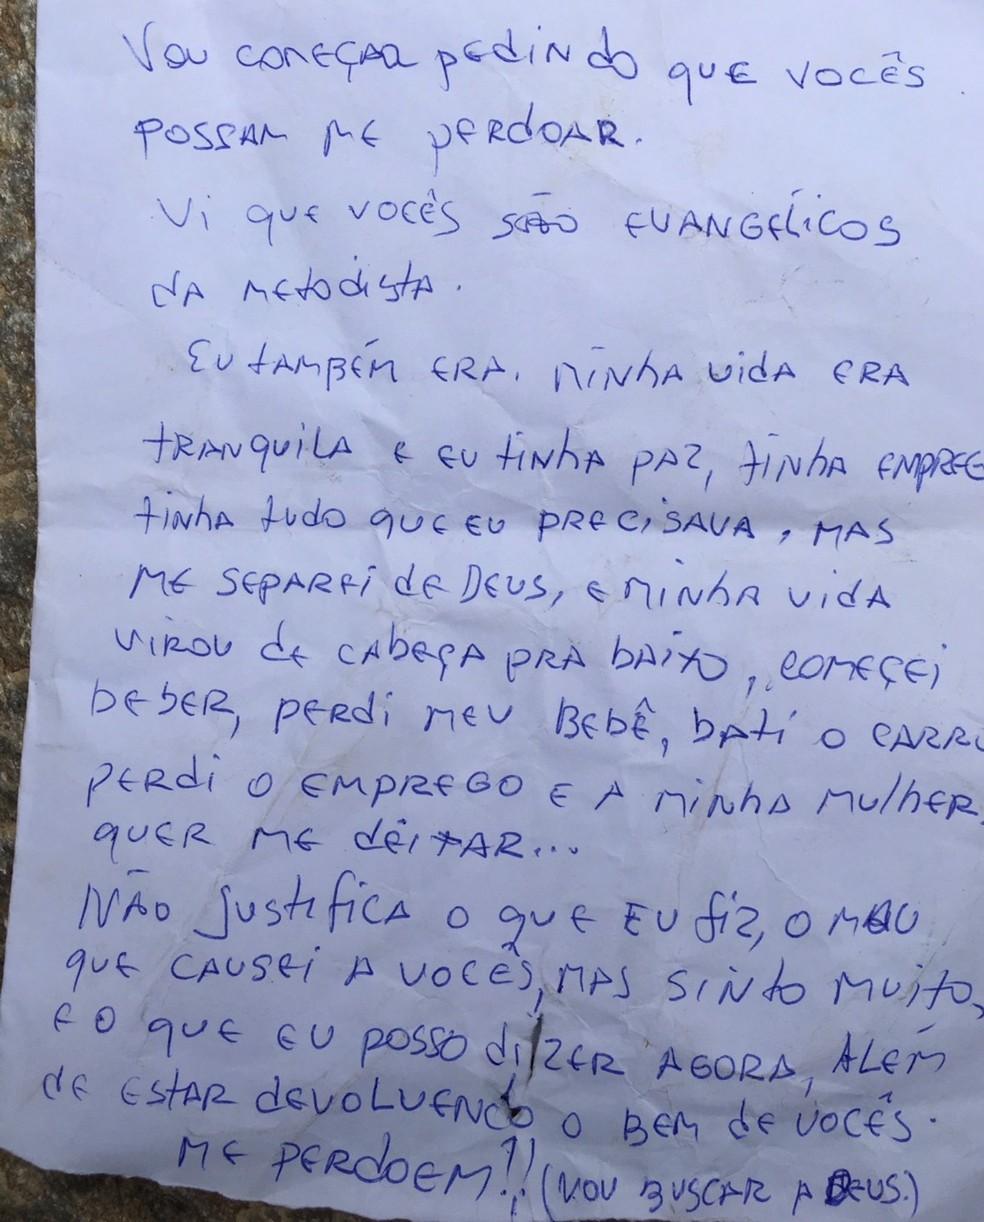 Carta foi deixada junto com pertences devolvidos ao casal. (Foto: RPC/Reprodução)